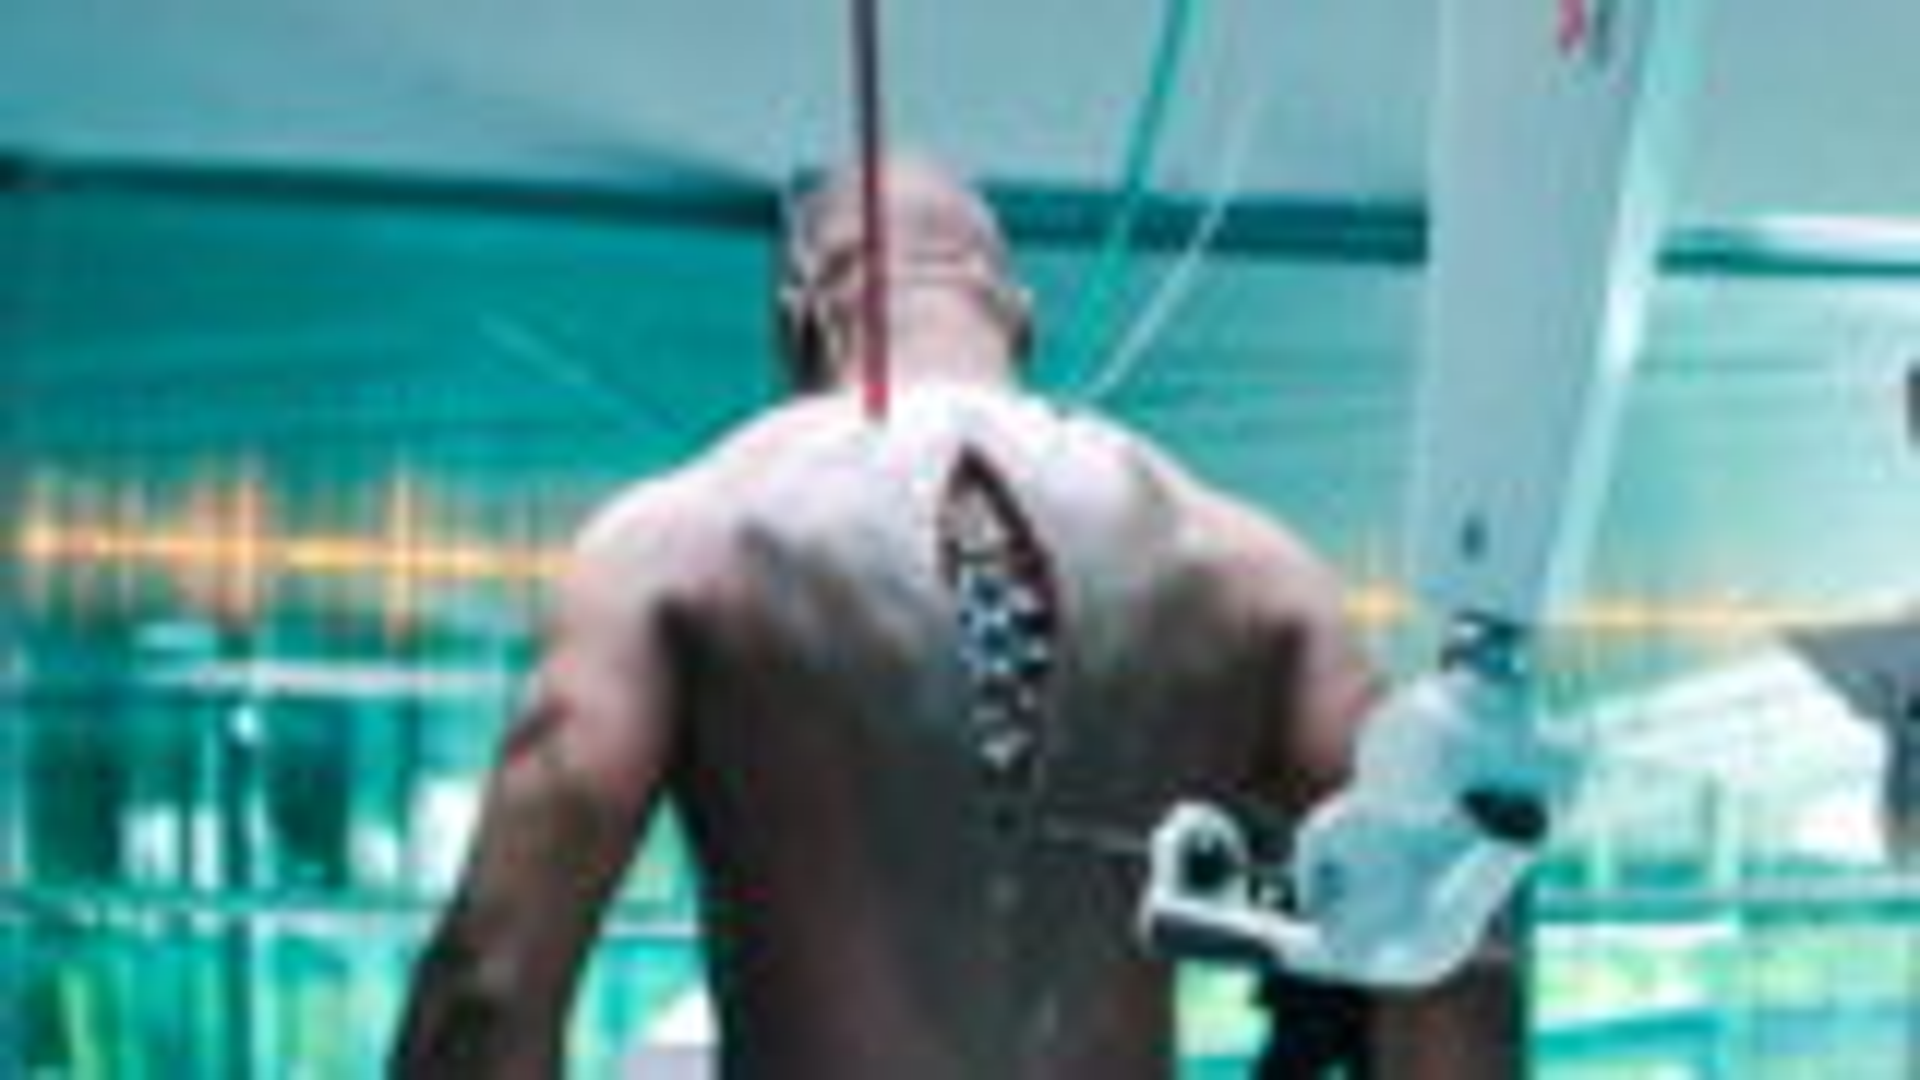 男子是杀手,身体被改造,后背装智能脊椎,成为半机械人